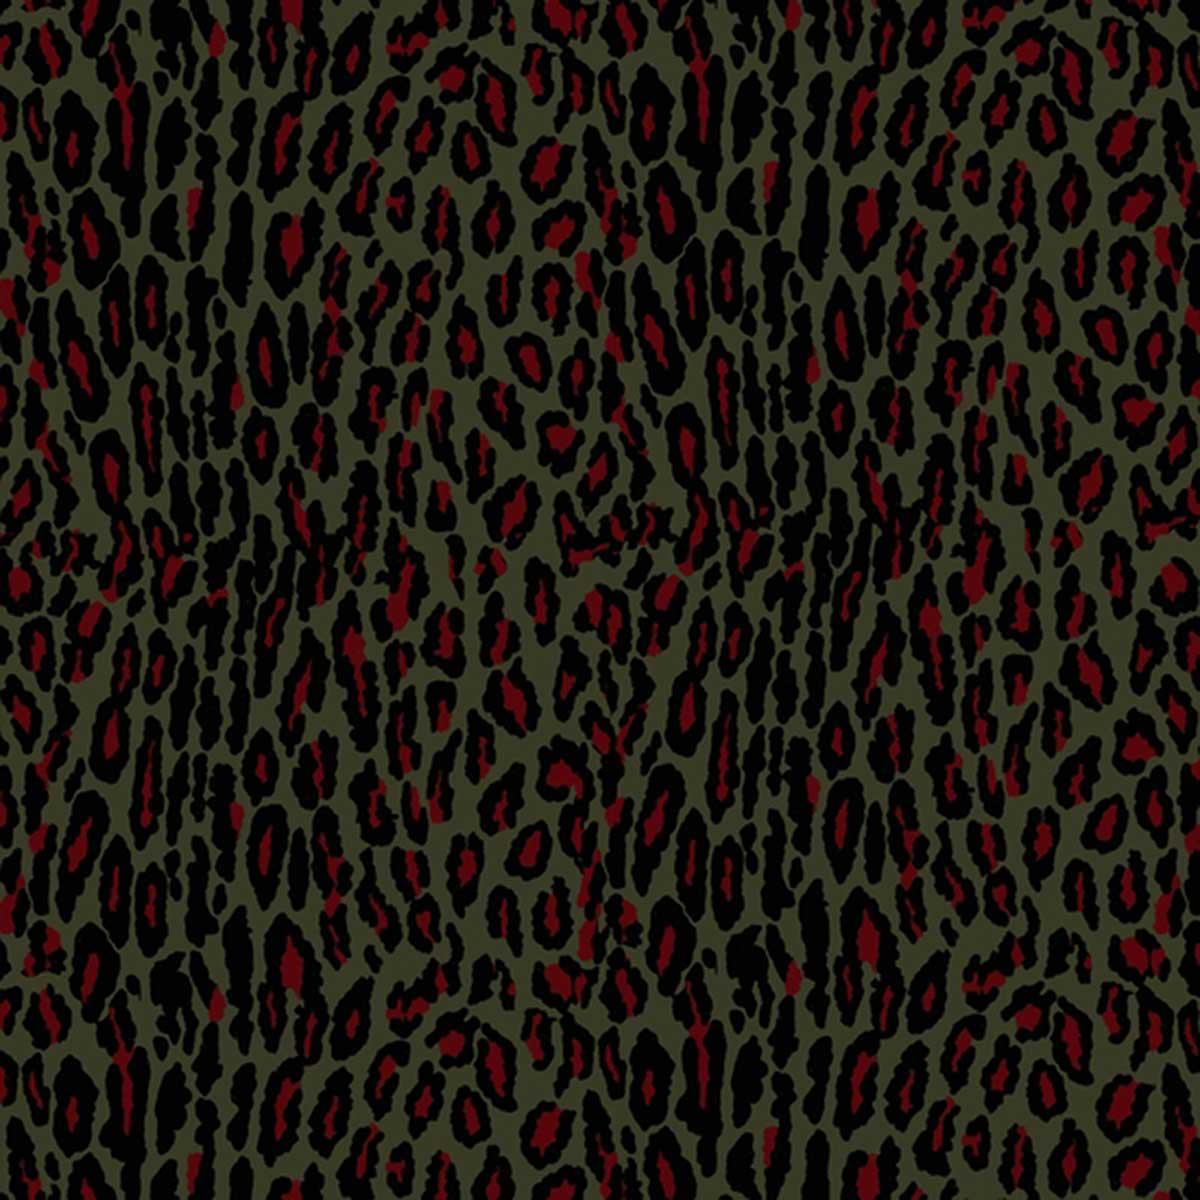 Tissu outdoor imprimé léopard coloré - Kaki - 1.42 m